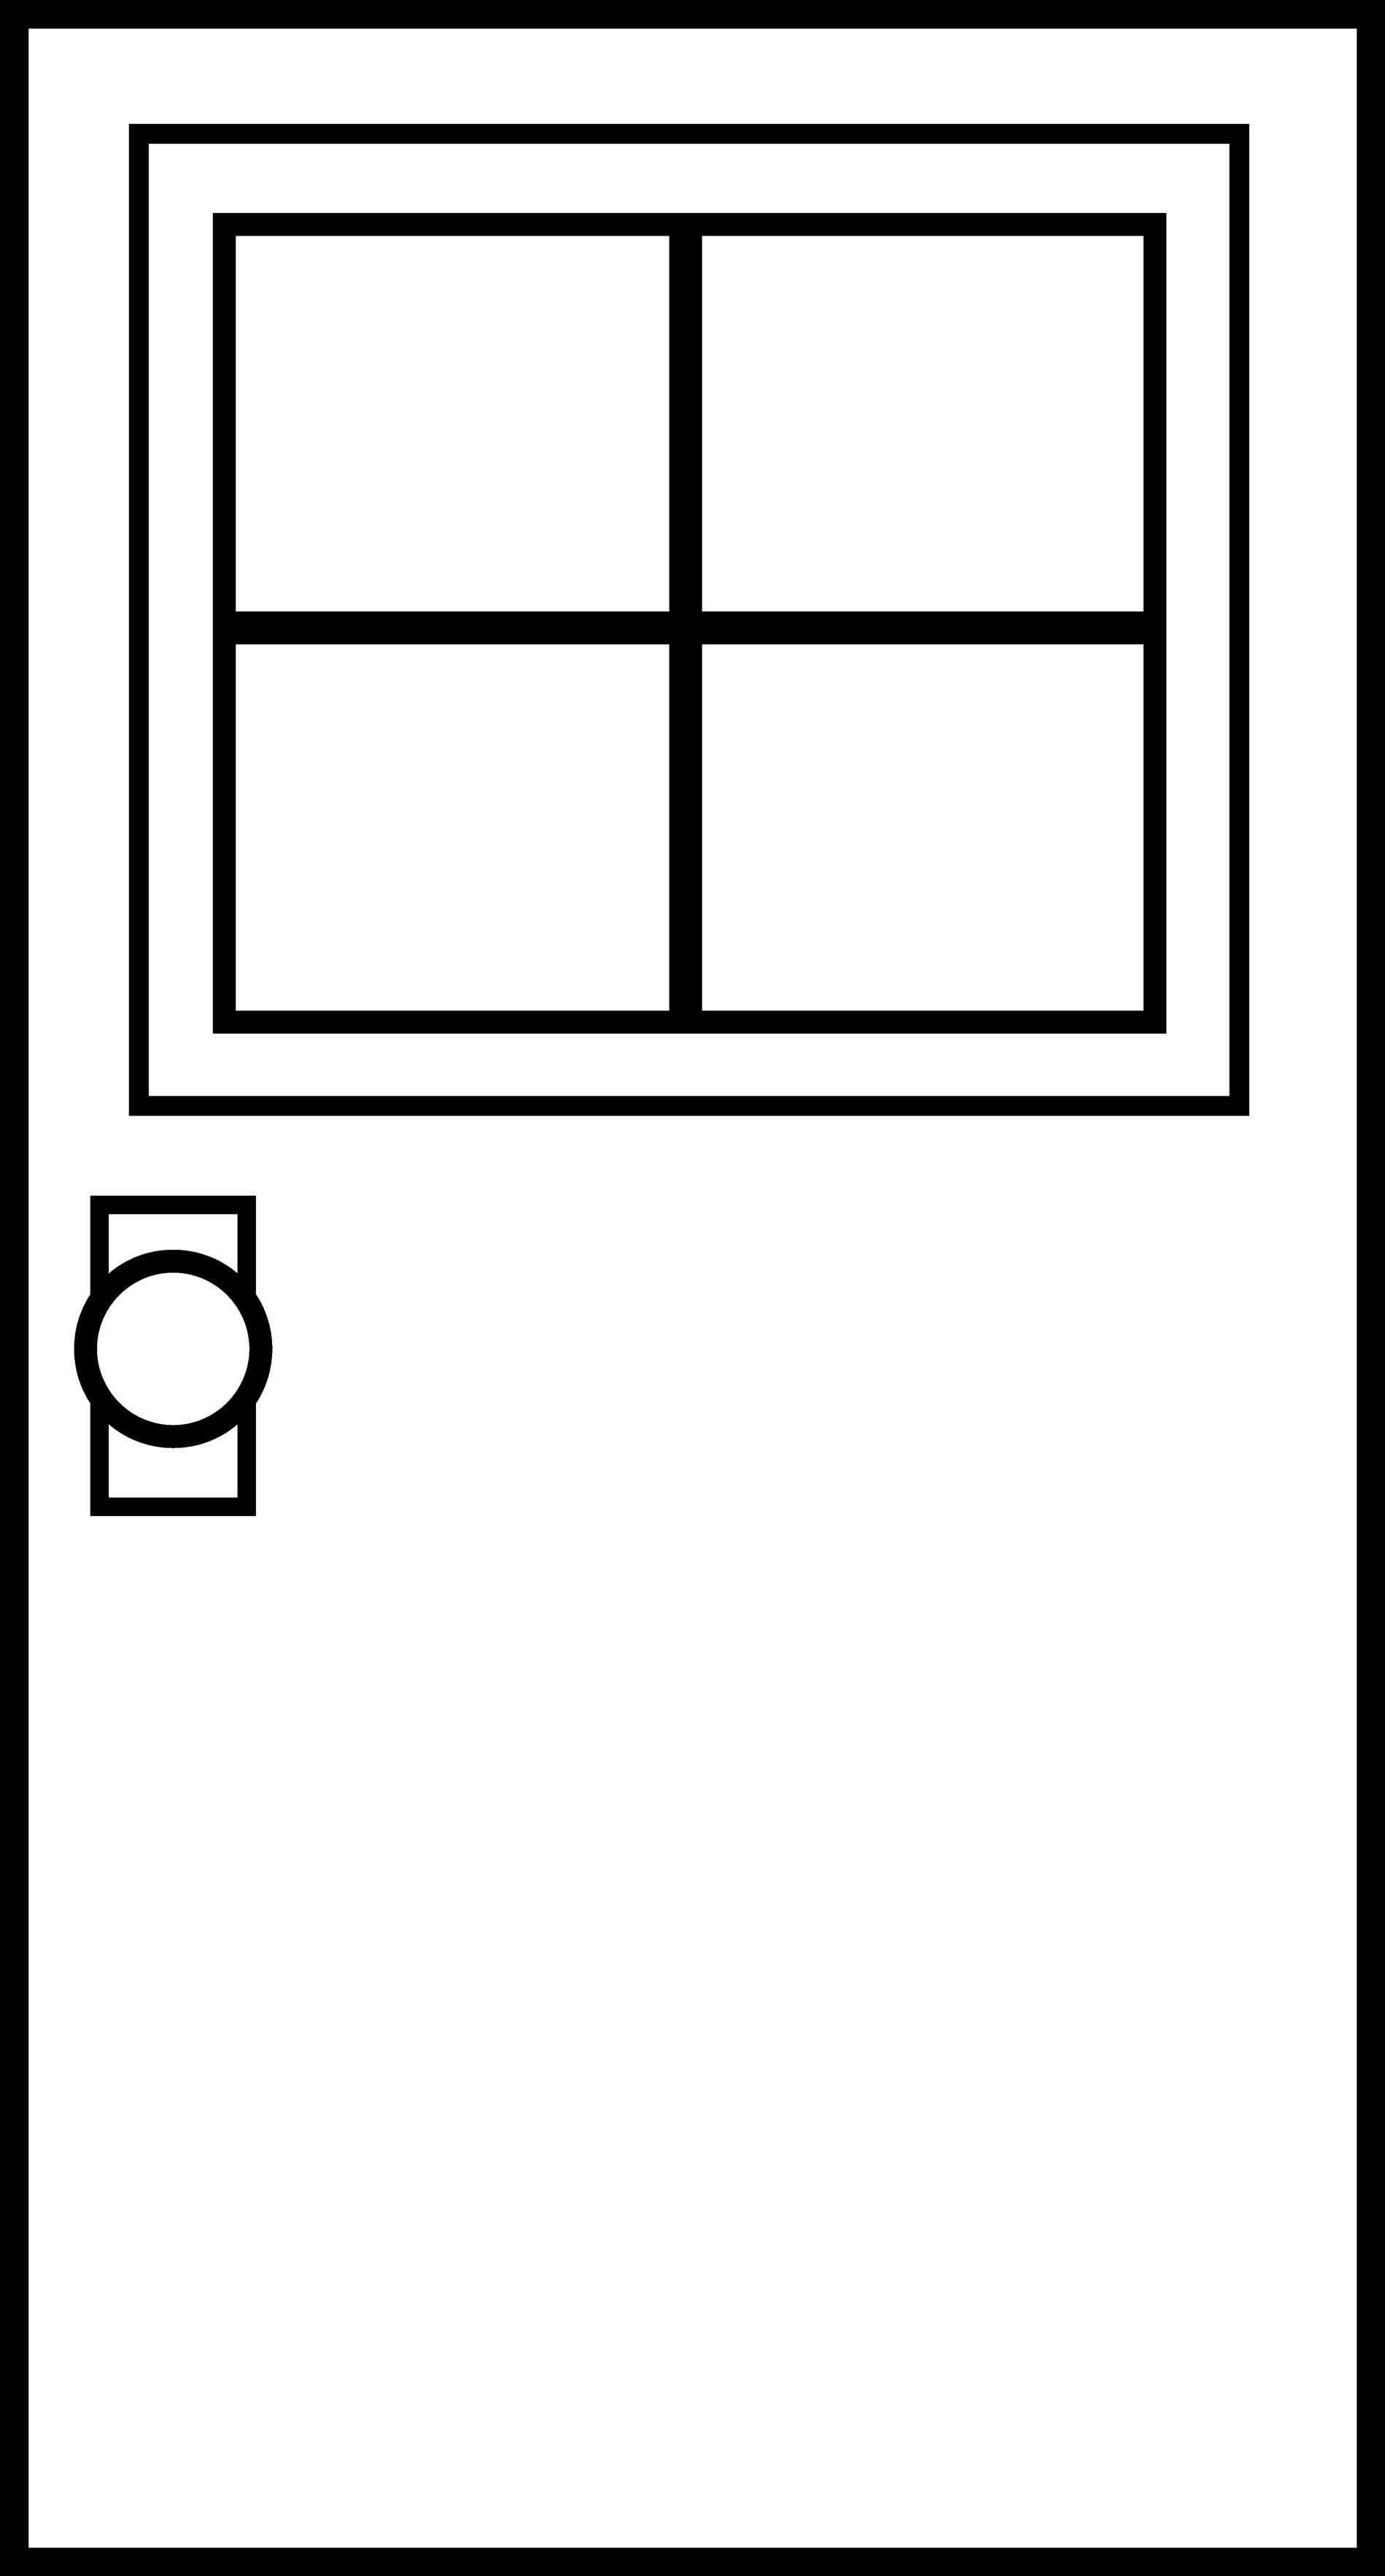 1899x3531 Garage Door Clipart Remicooncom